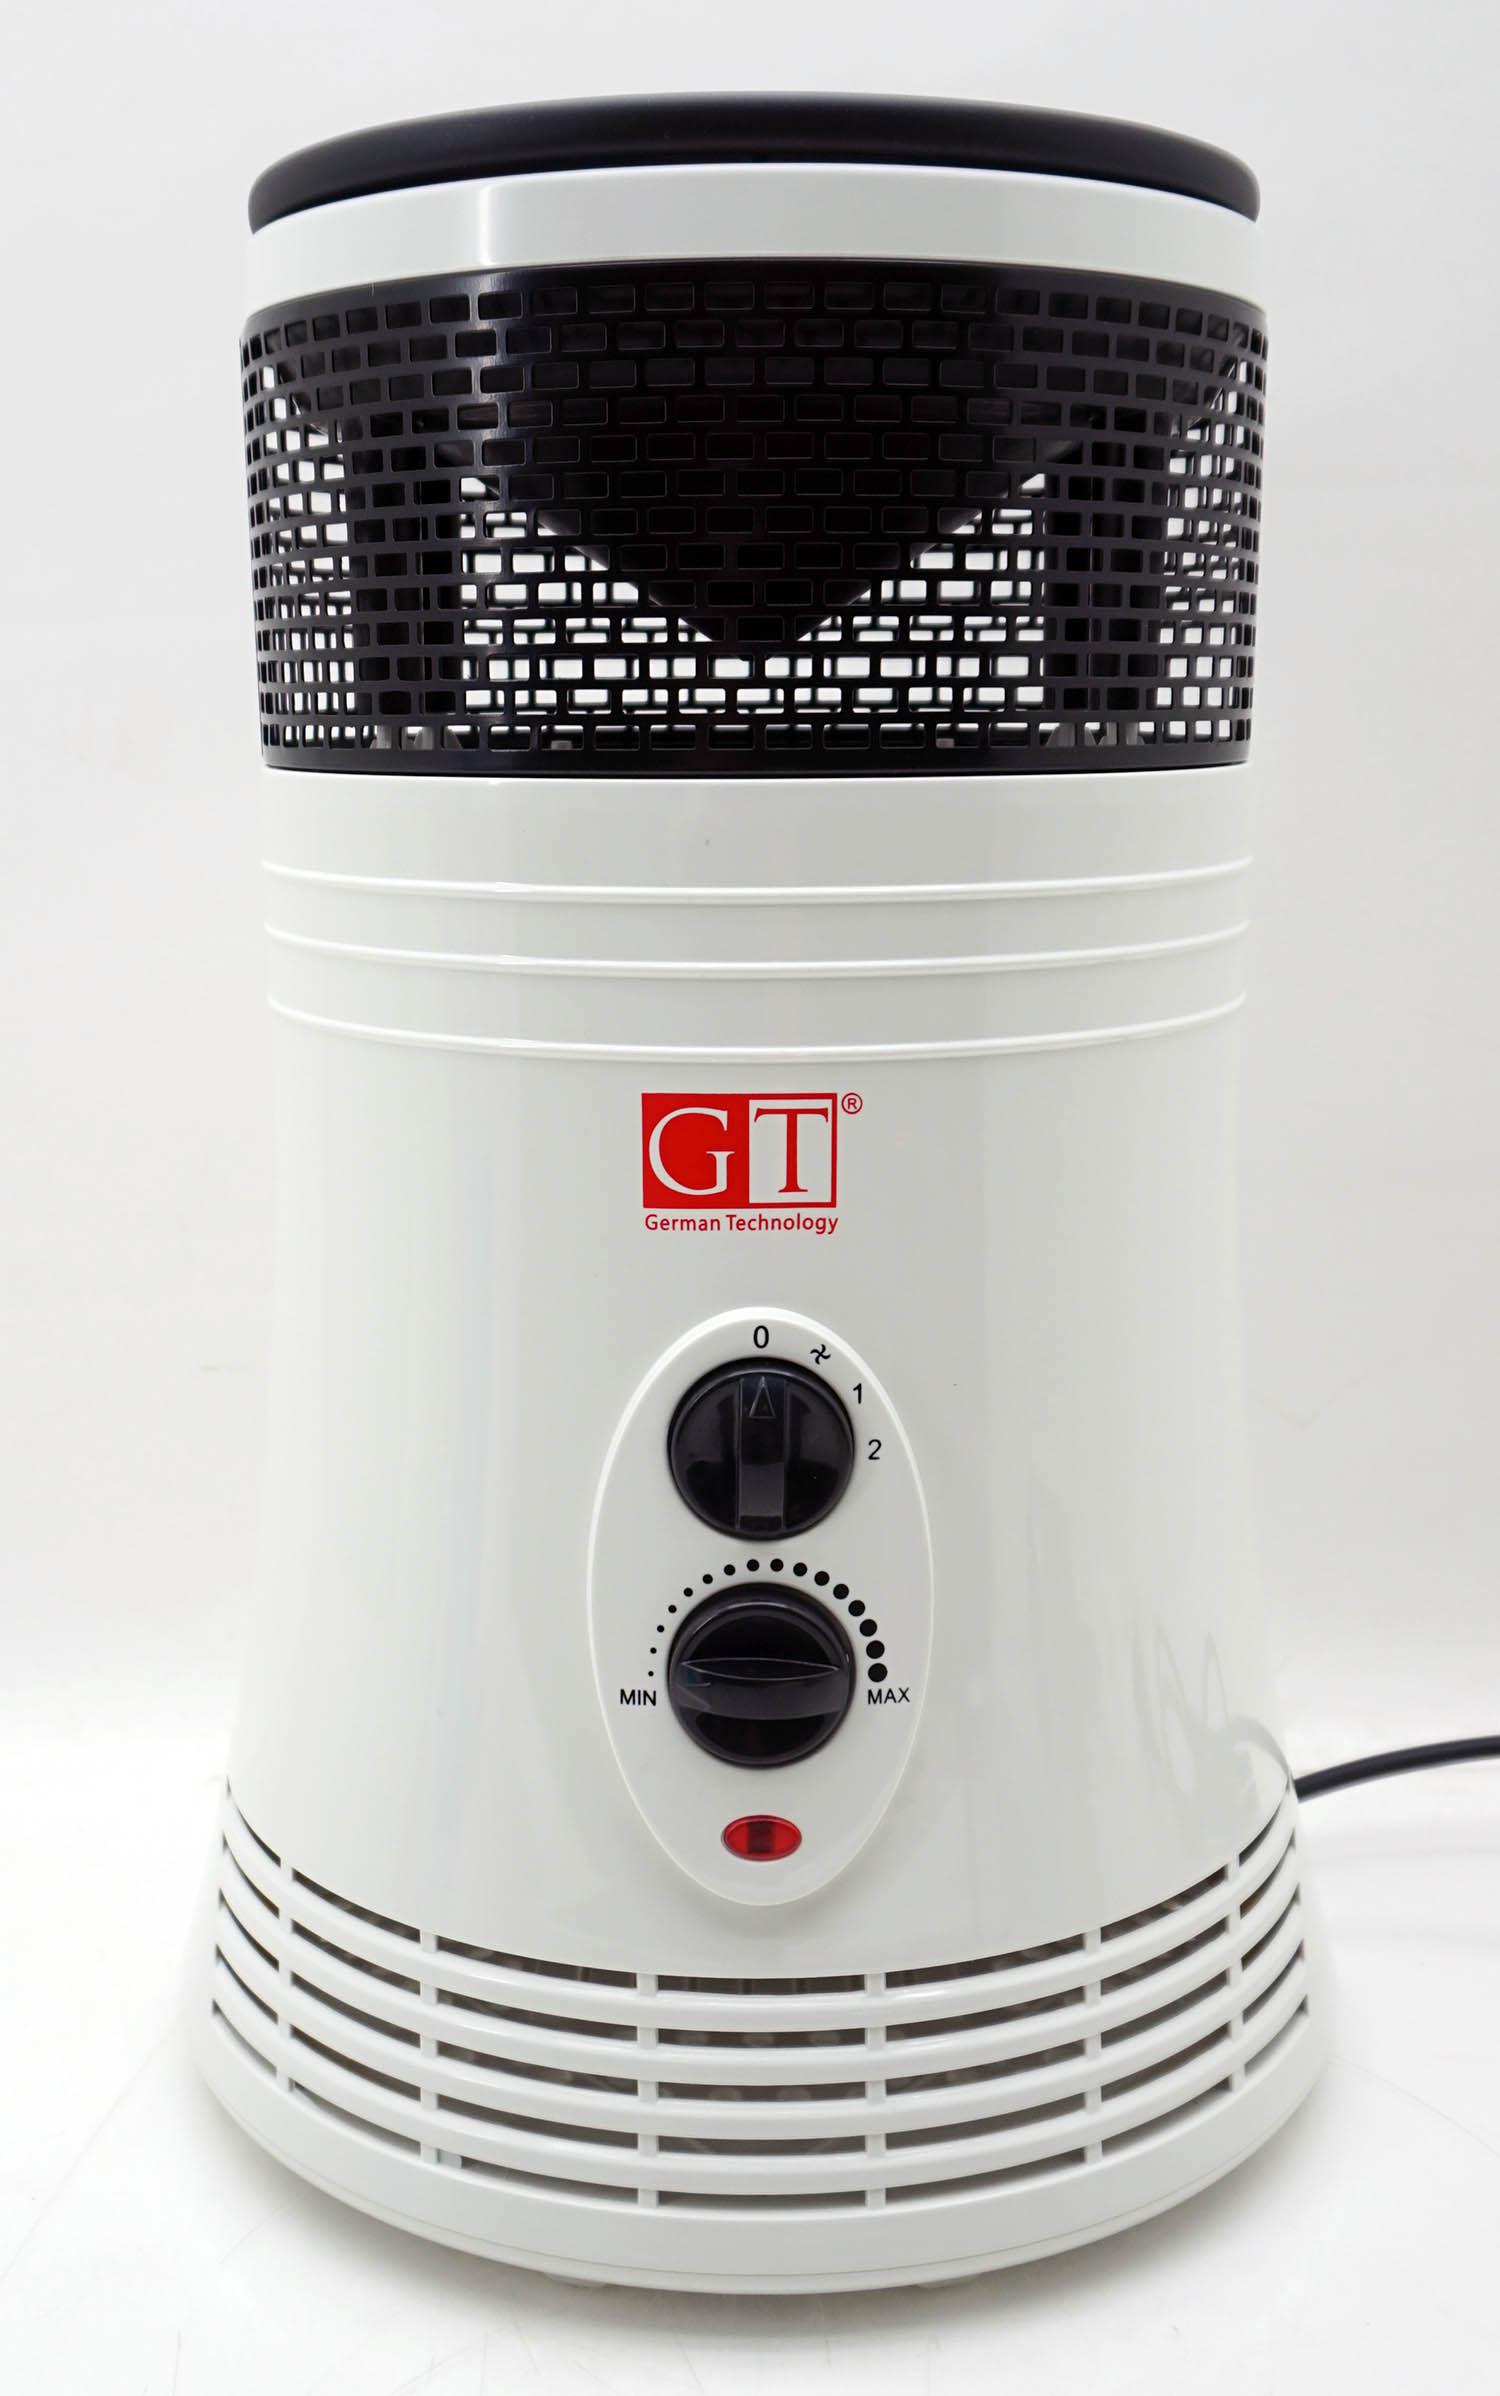 gt keramik heizl fter k hler elektro heizung heizger t ventilator schwarz wei ebay. Black Bedroom Furniture Sets. Home Design Ideas